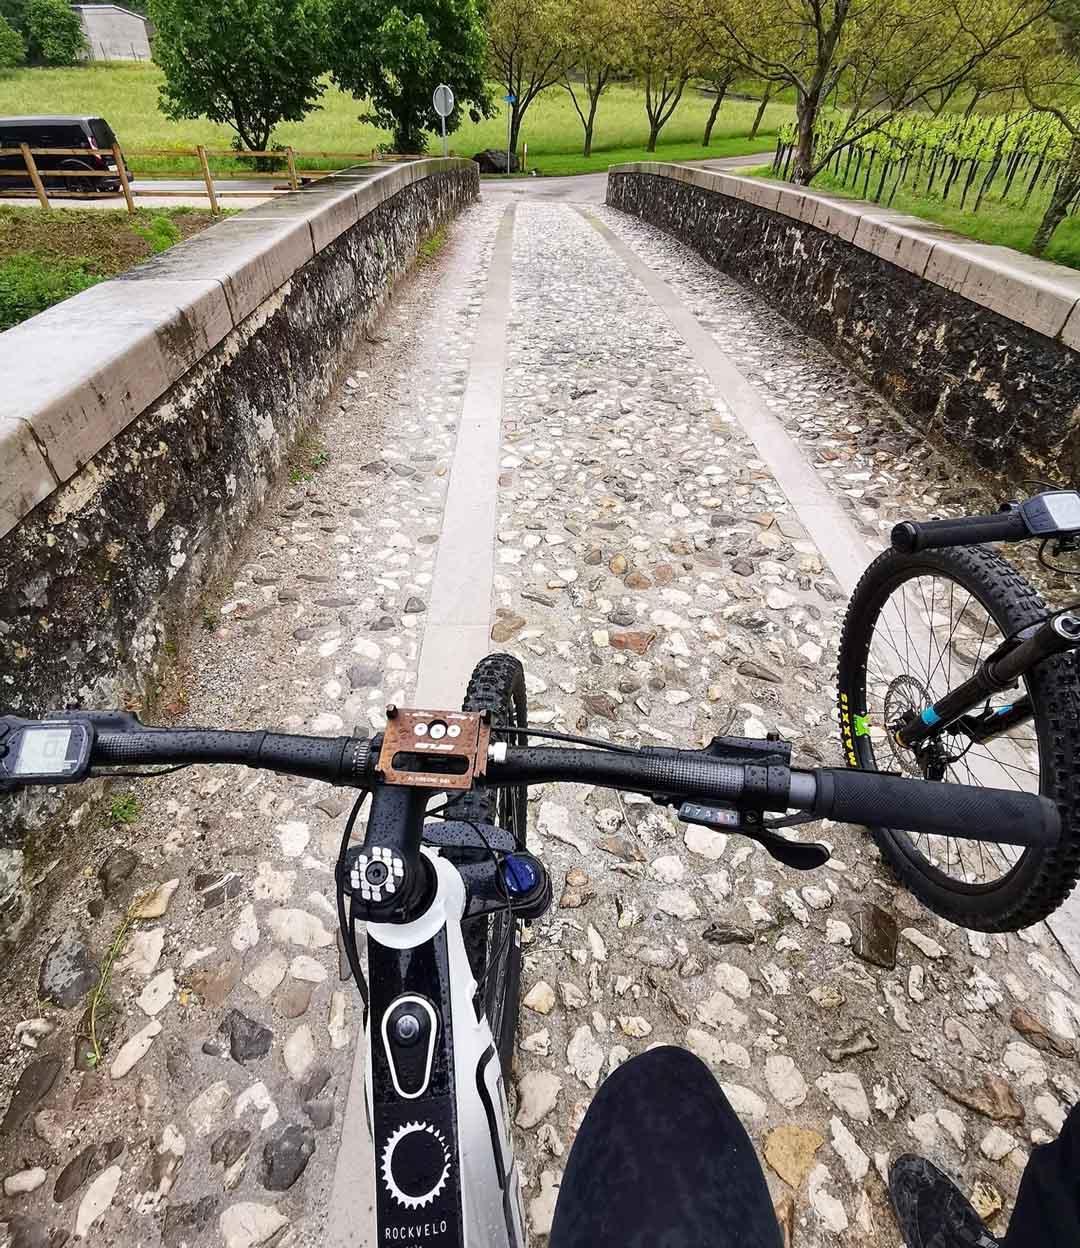 escursione in bicicletta in Slovenia nella regione di vipava